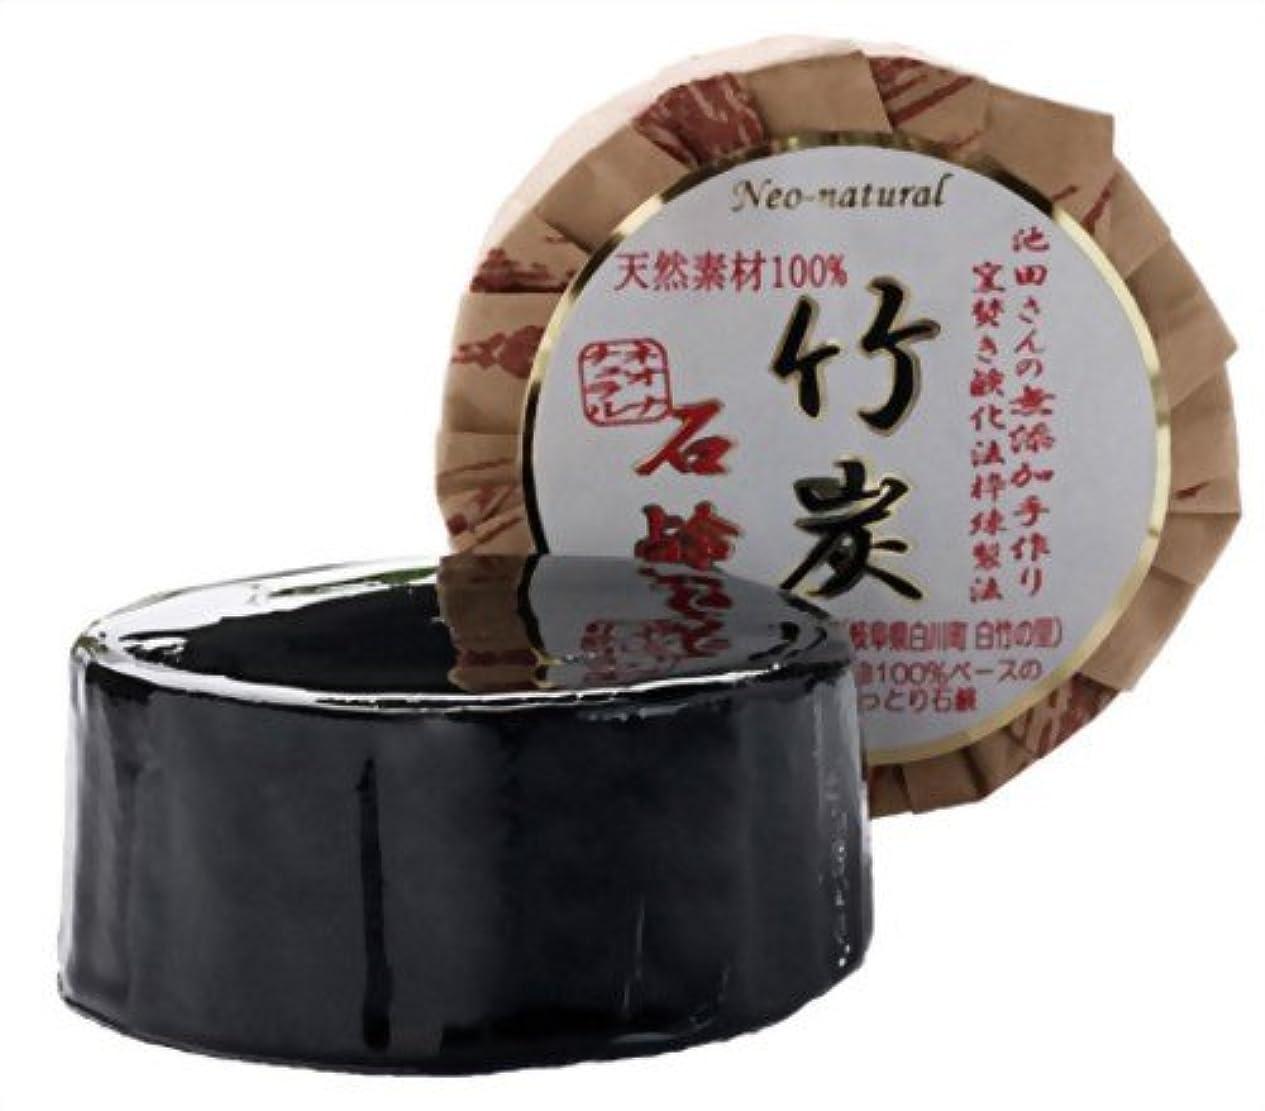 詳細な持続的ペナルティネオナチュラル 池田さんの竹炭石鹸 105g